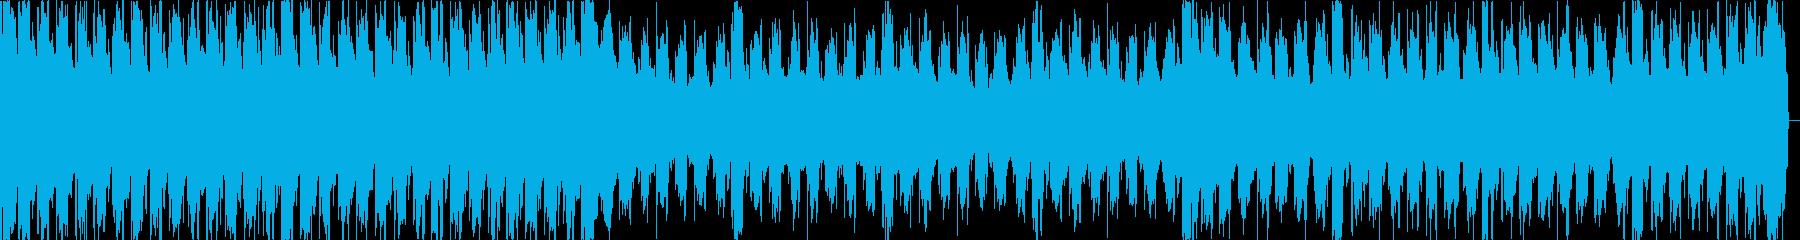 緊迫、緊張、暗く疾走感戦闘バトルループcの再生済みの波形